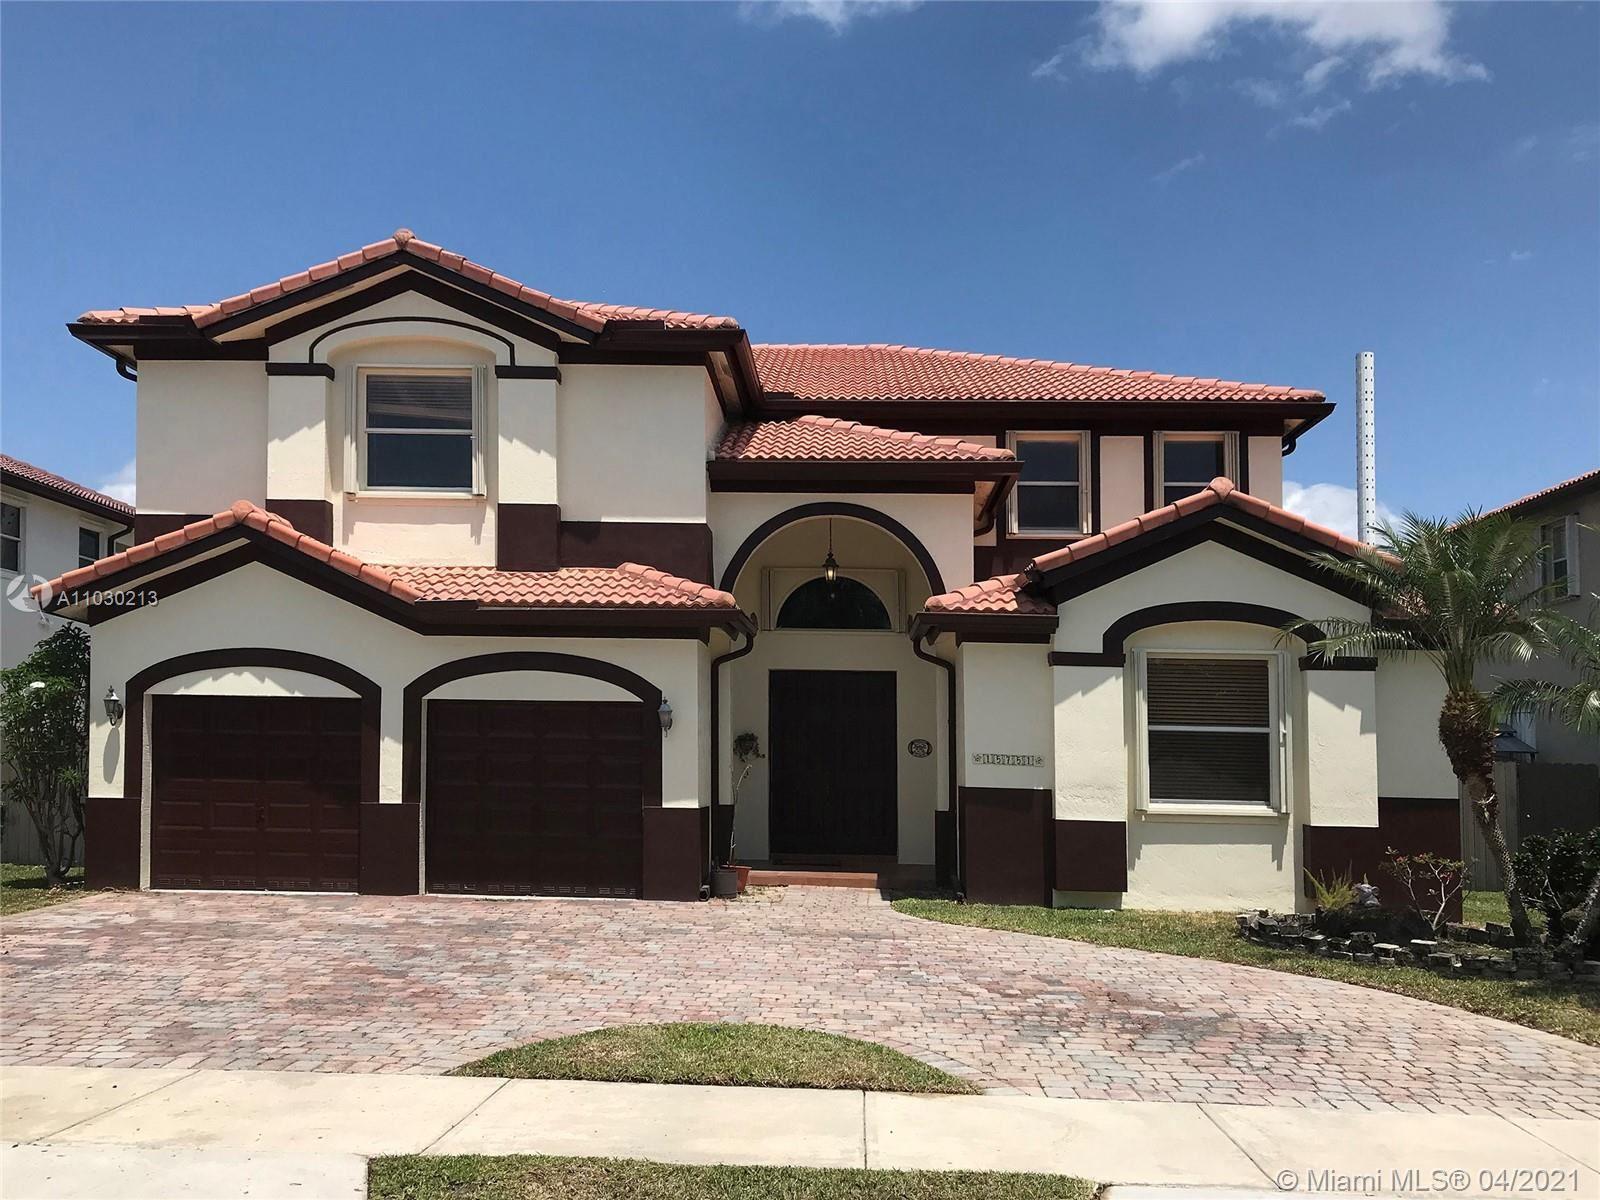 15751 SW 59th Ter, Miami, FL 33193 - #: A11030213